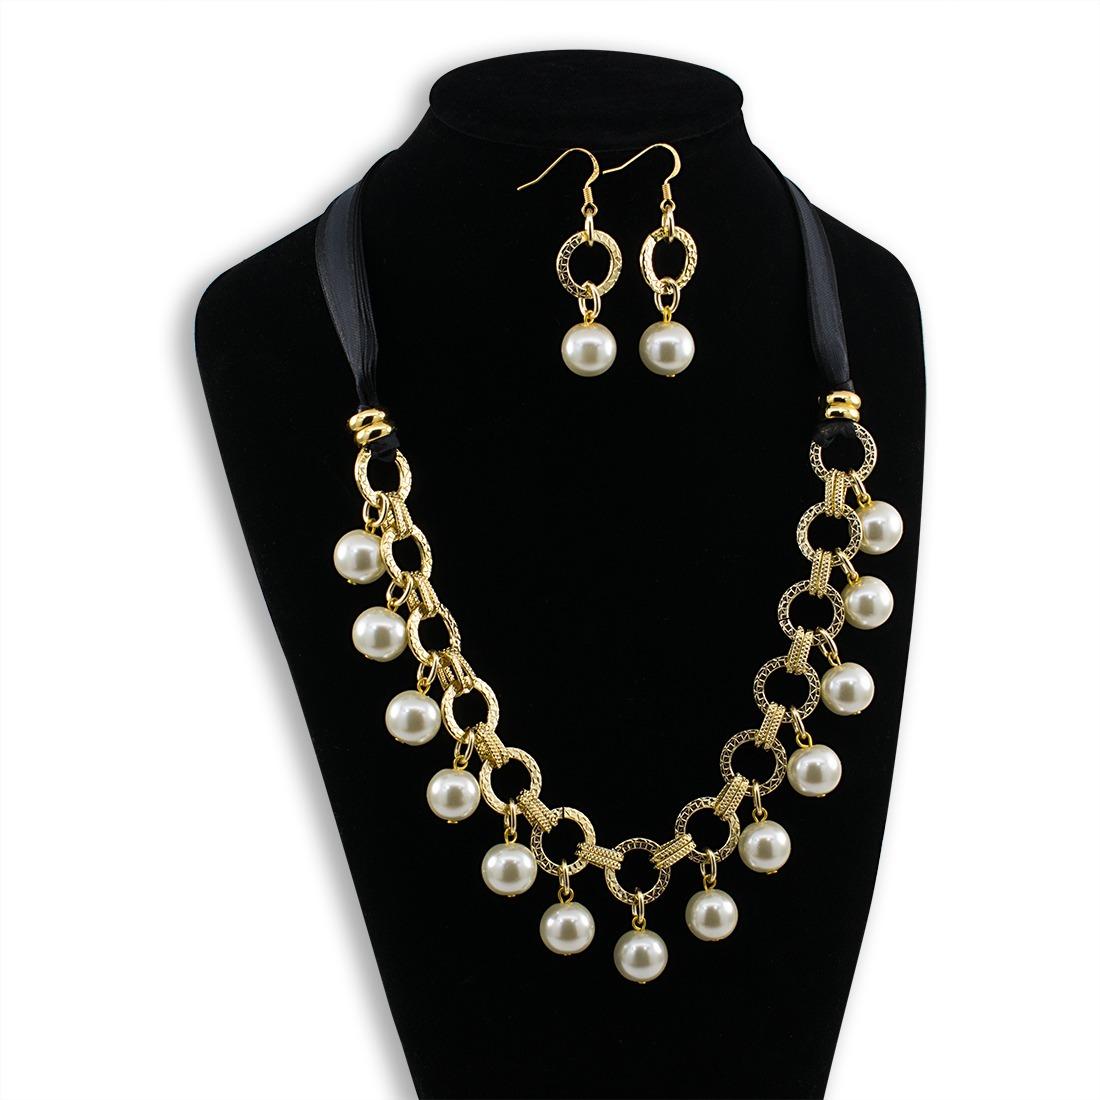 fb8f781dd9fd collares mujer perla cristal cadena color oro bisuteria fina. Cargando zoom.